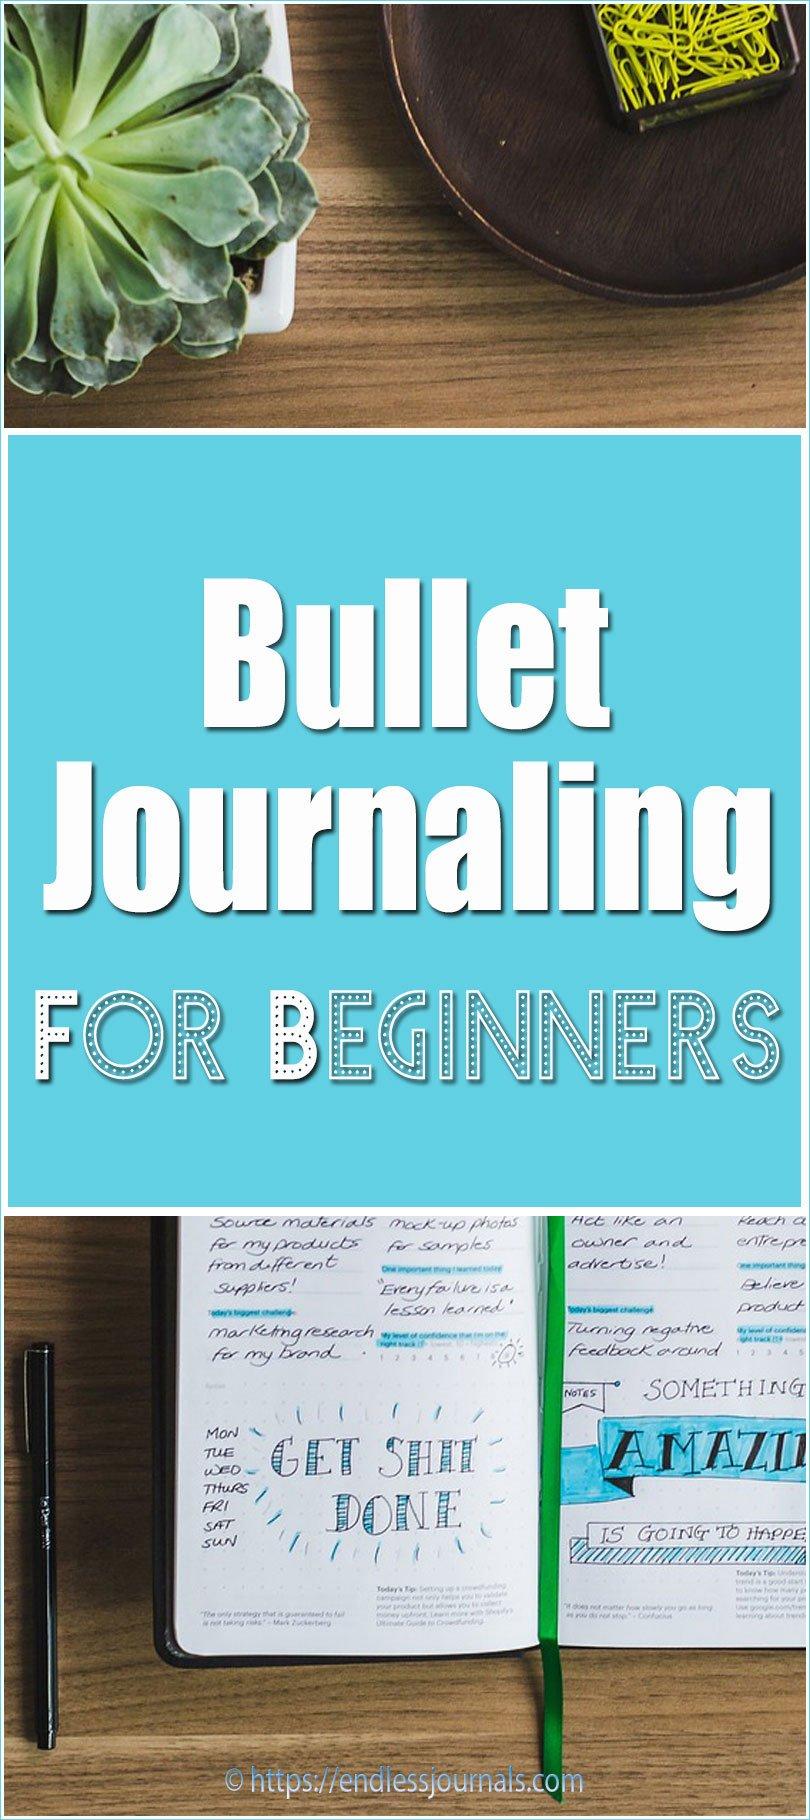 Bullet journaling for beginners